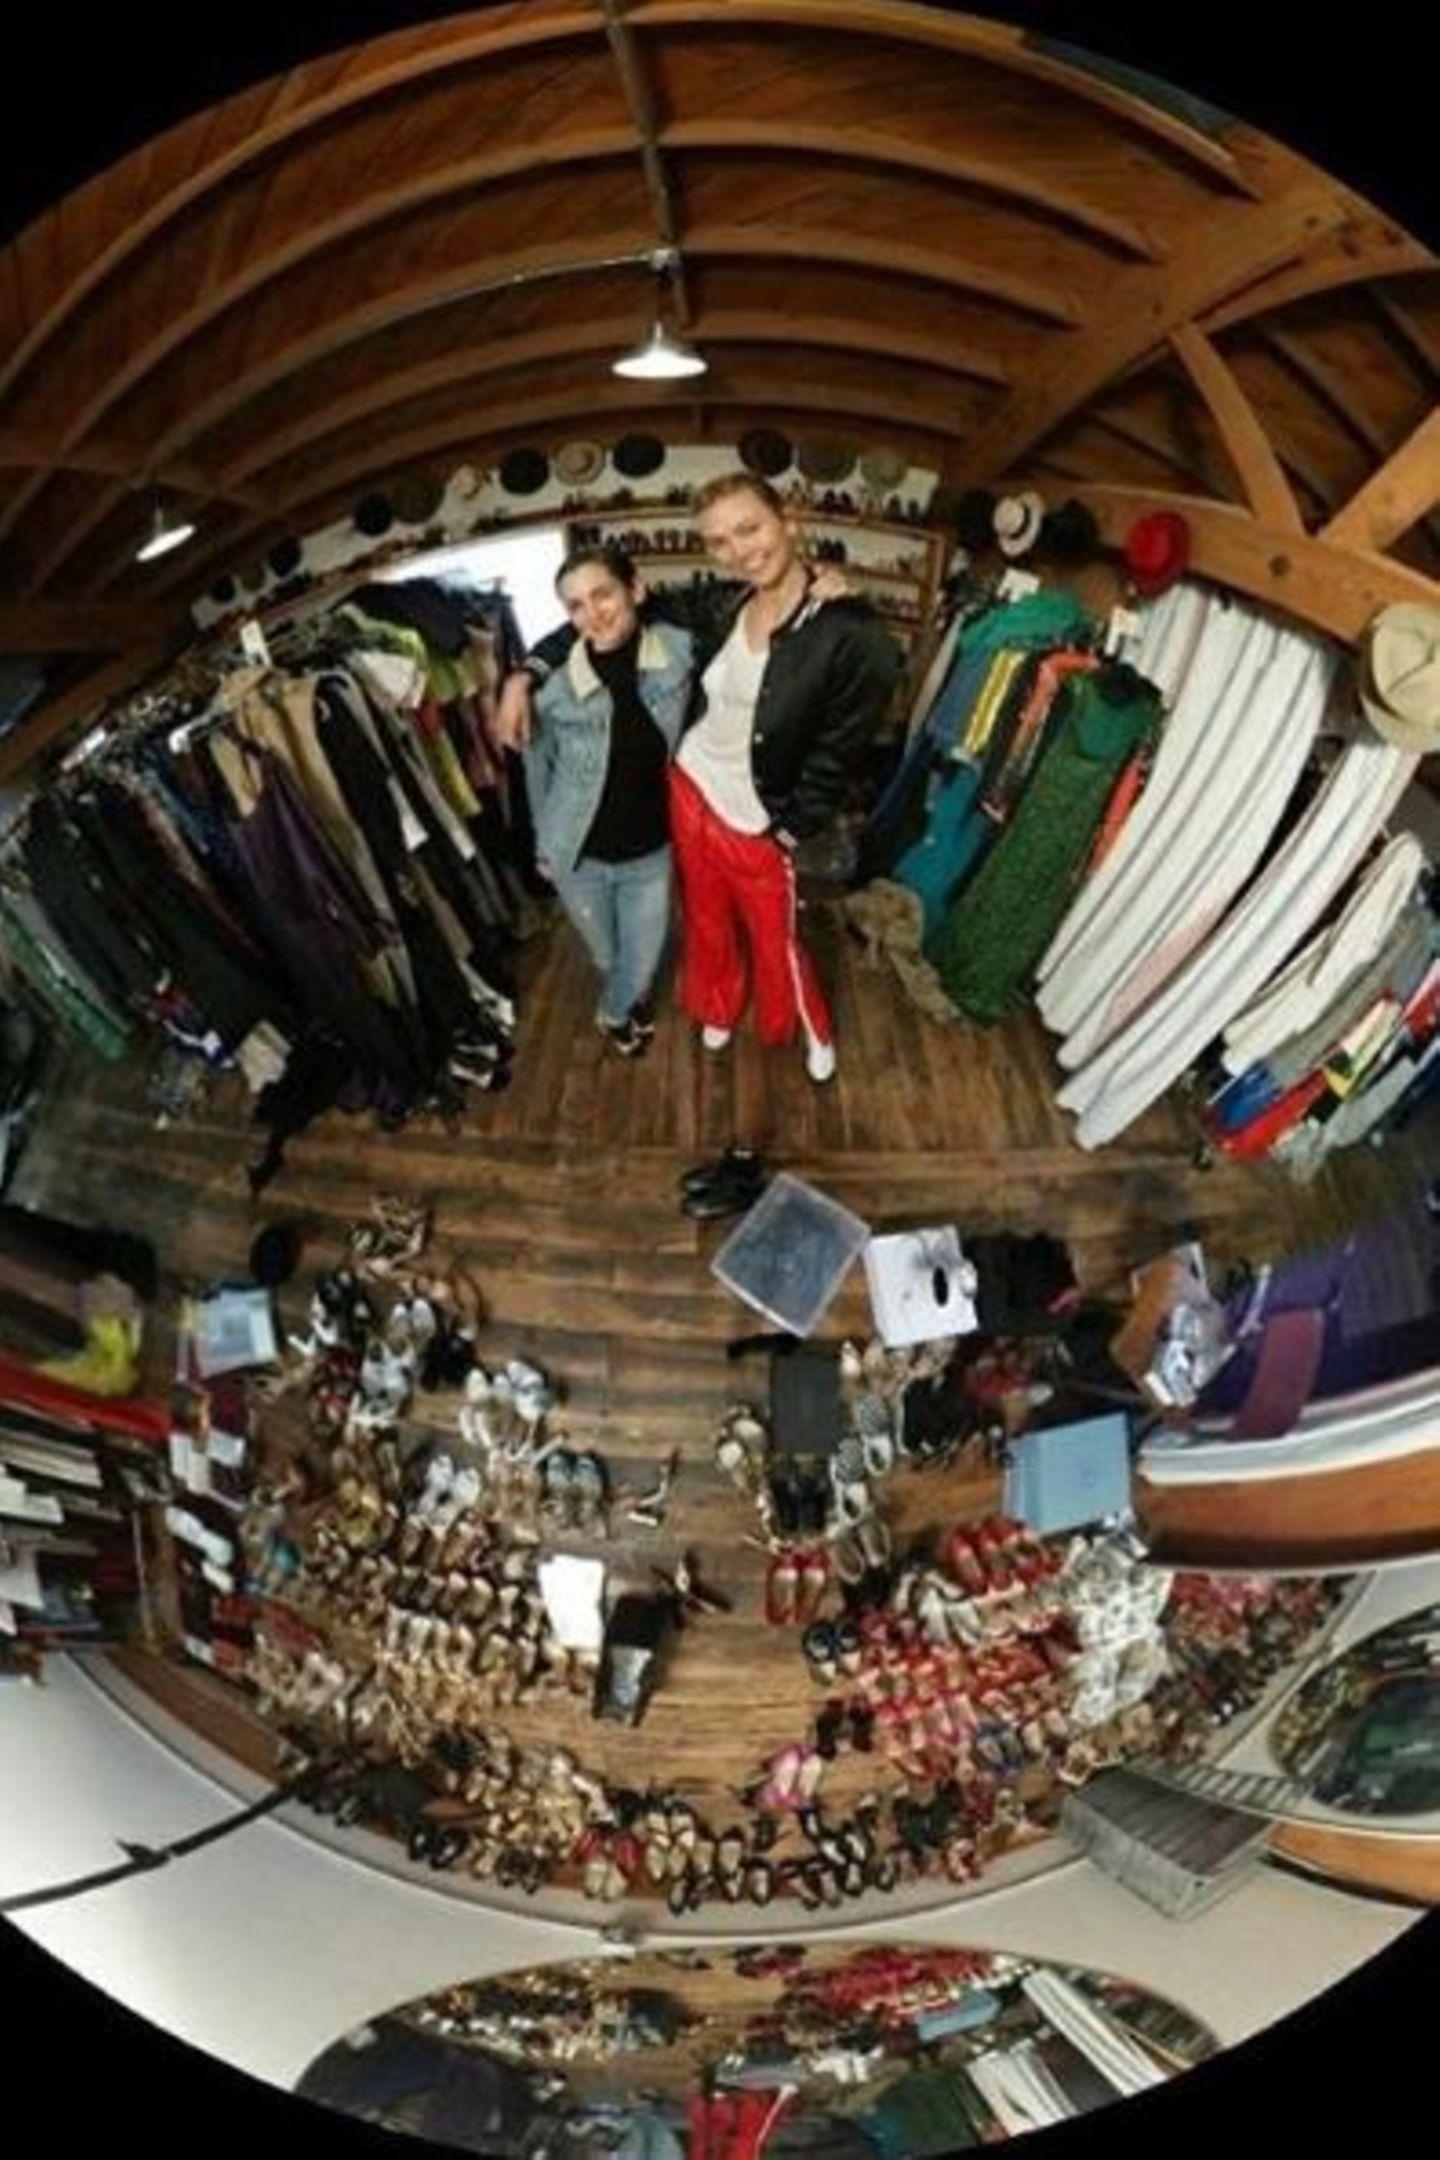 Für Karlie Kloss geht es erst einmal in den Fitting Room. Hier kann sie sich Schuhe und Kleid aussuchen. Danach geht es weiter in die Maske.